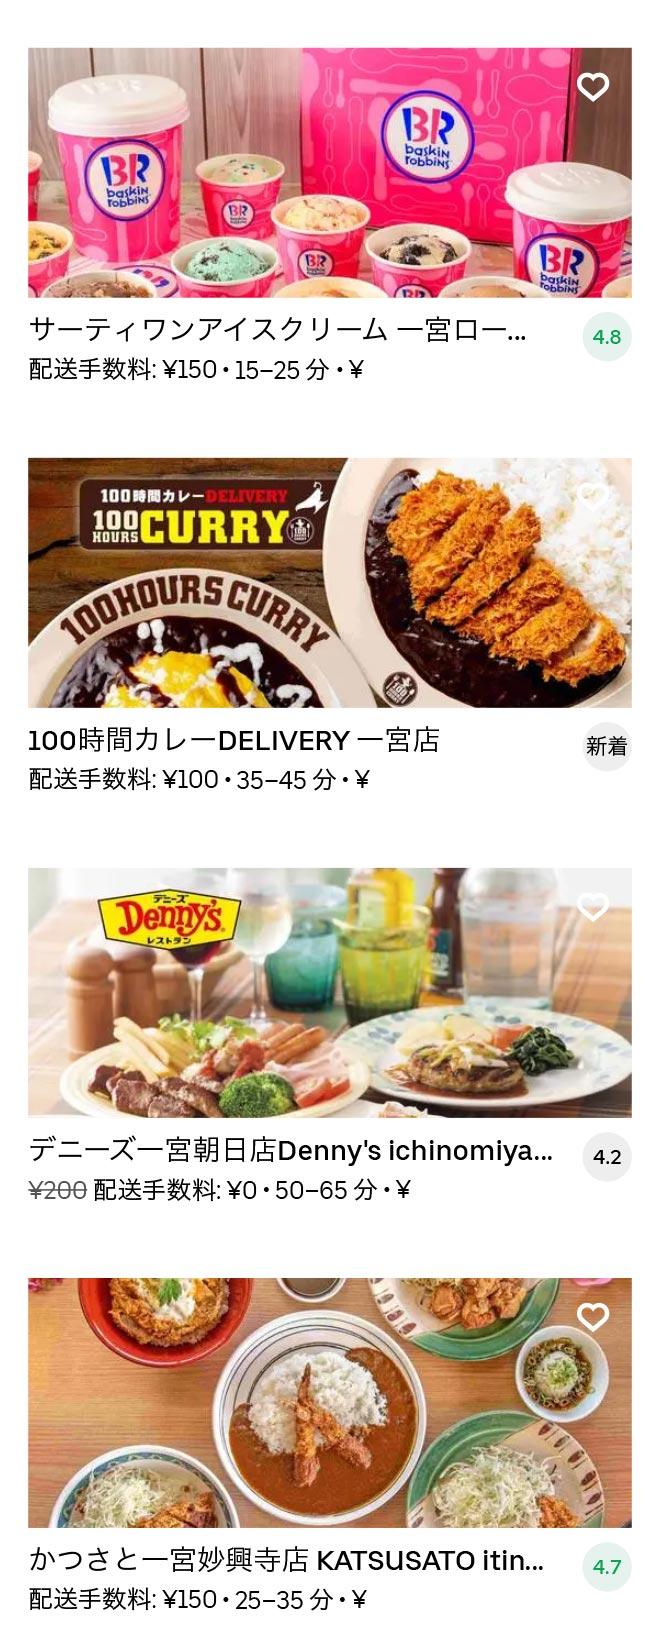 Ichinomiya menu 2010 05